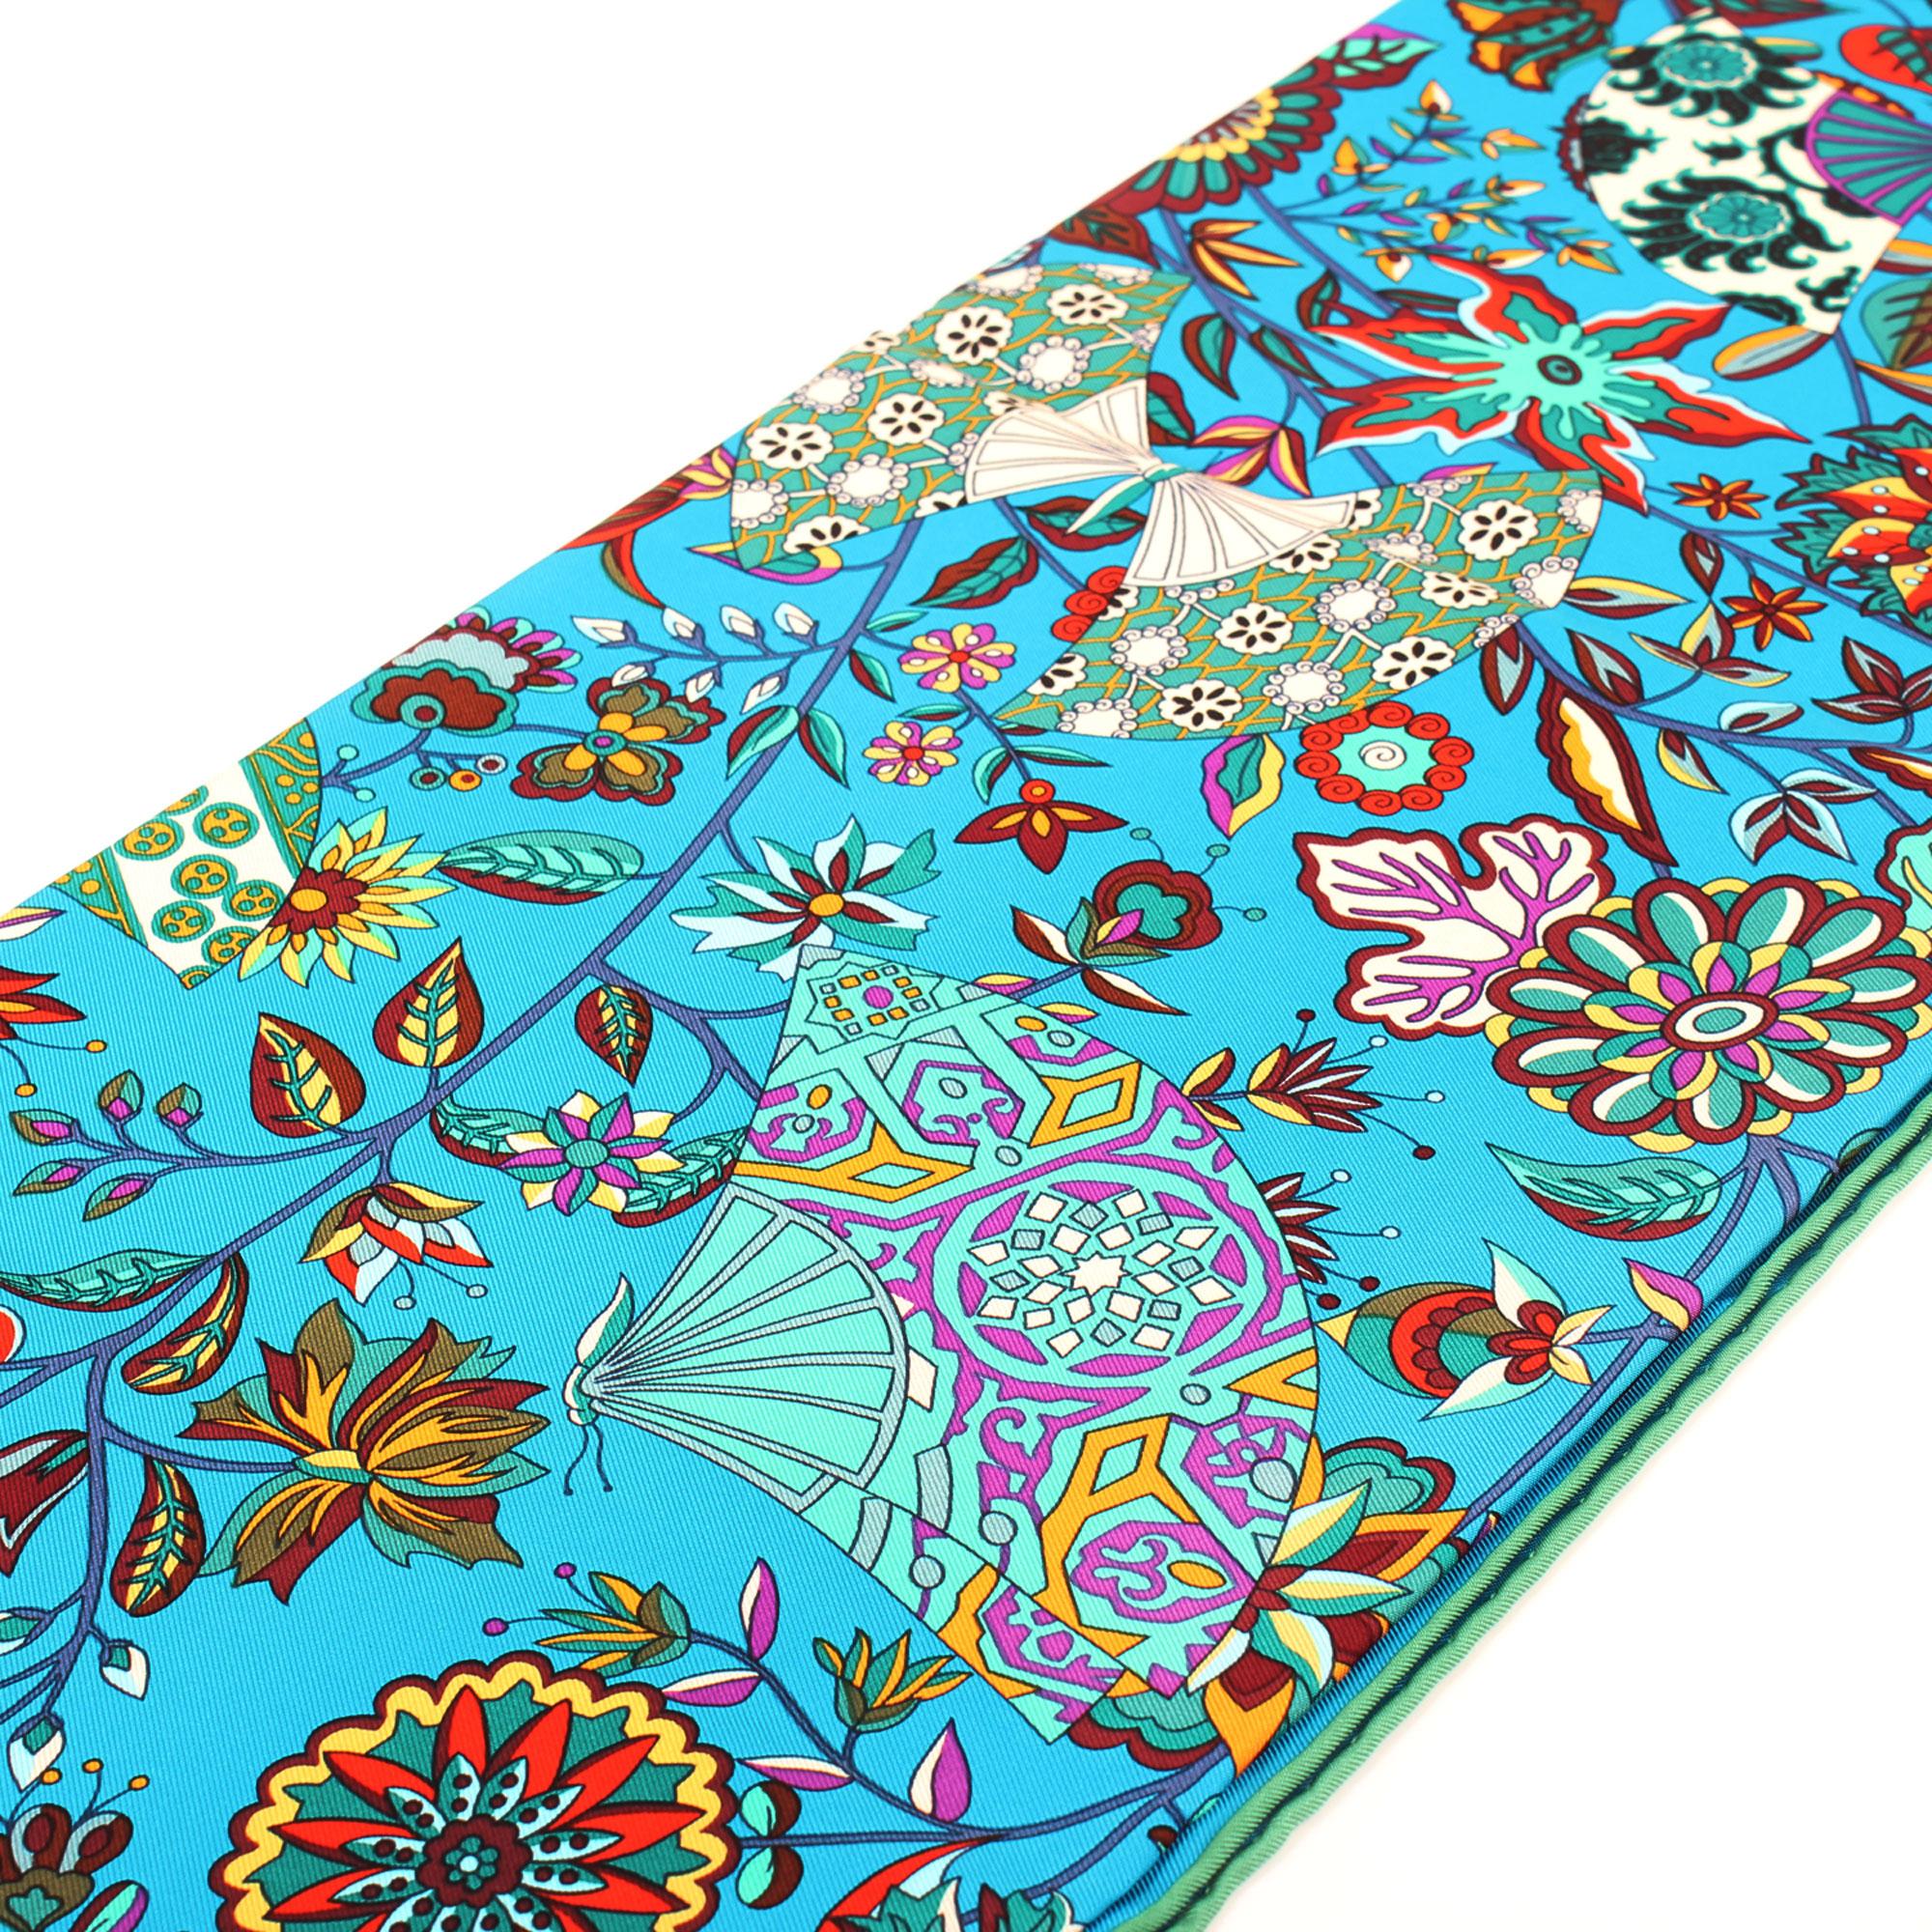 Imagen de detalle de la ilustracion del hermes carre abanico azul verde multicolor